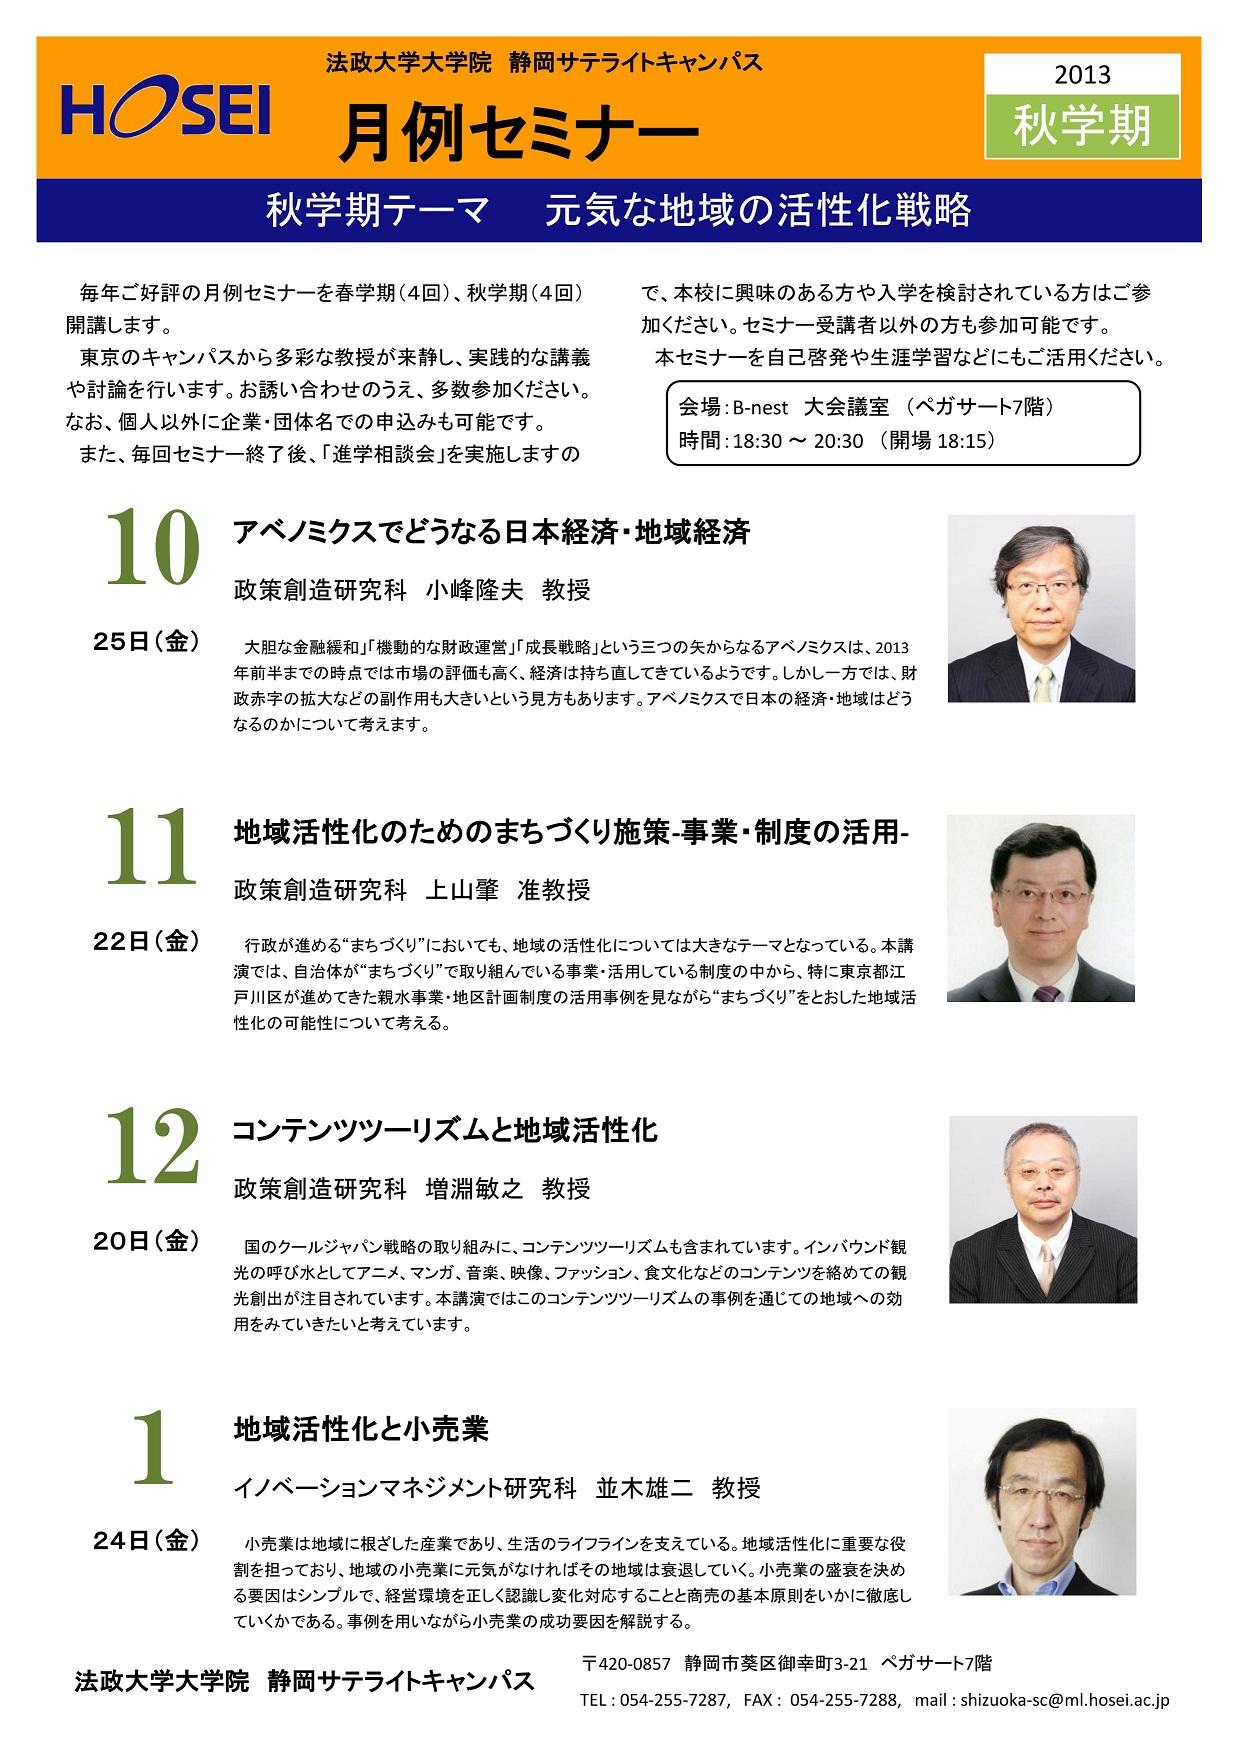 2013 月例セミナー チラシ(秋学期 Web用)(R4)_01.jpg